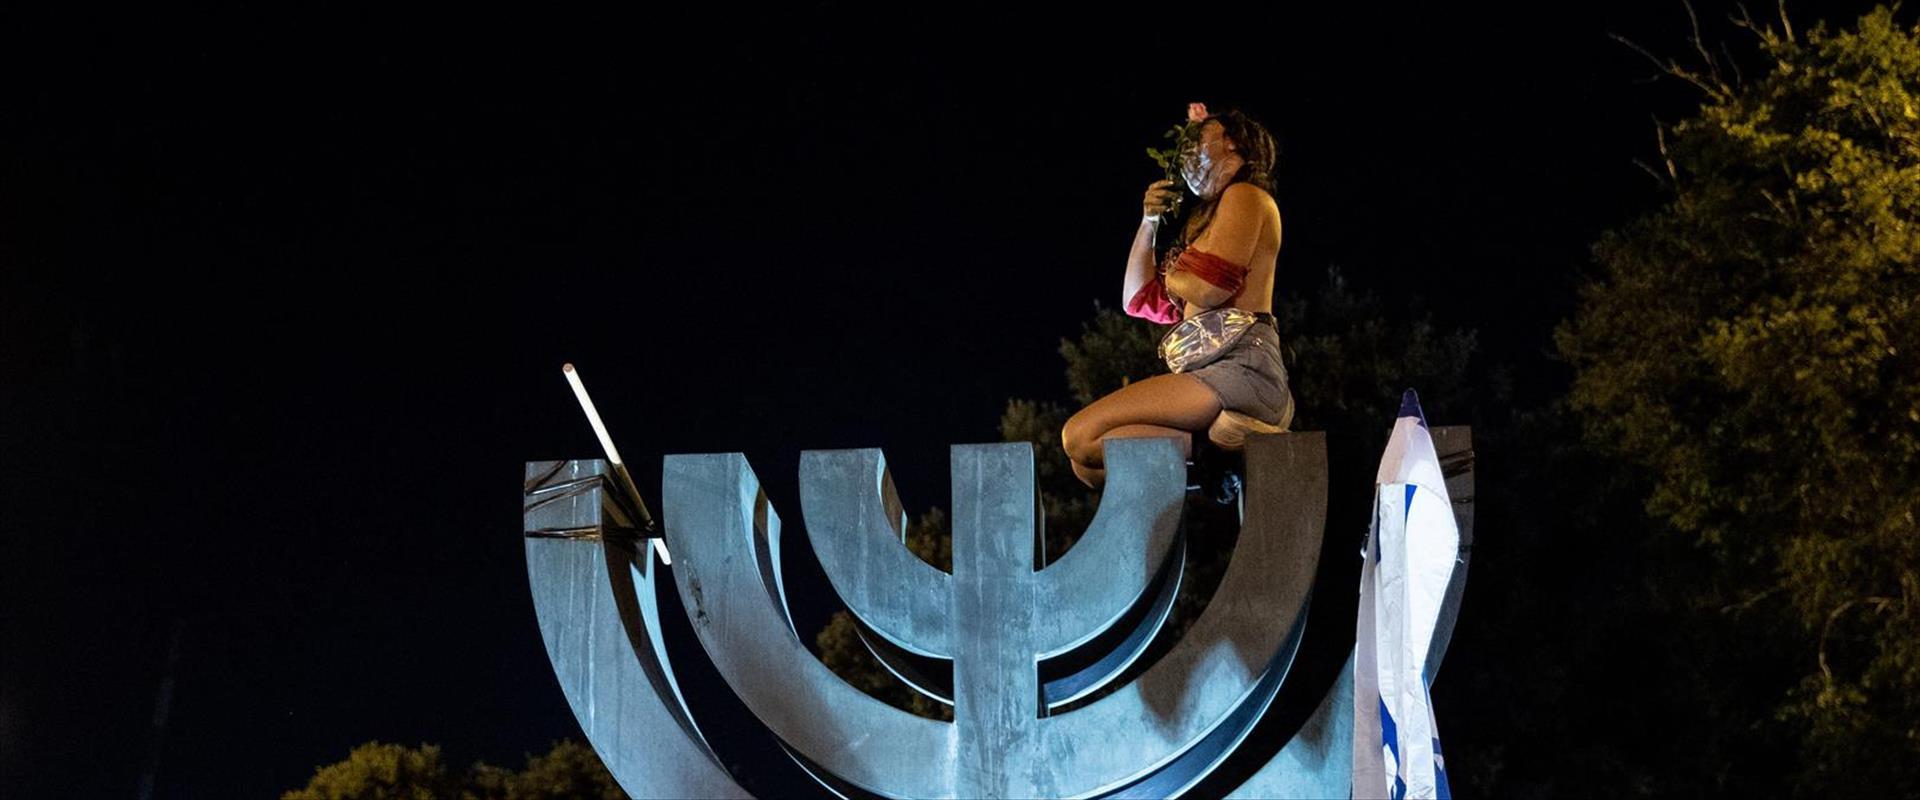 המפגינה, אמש בירושלים